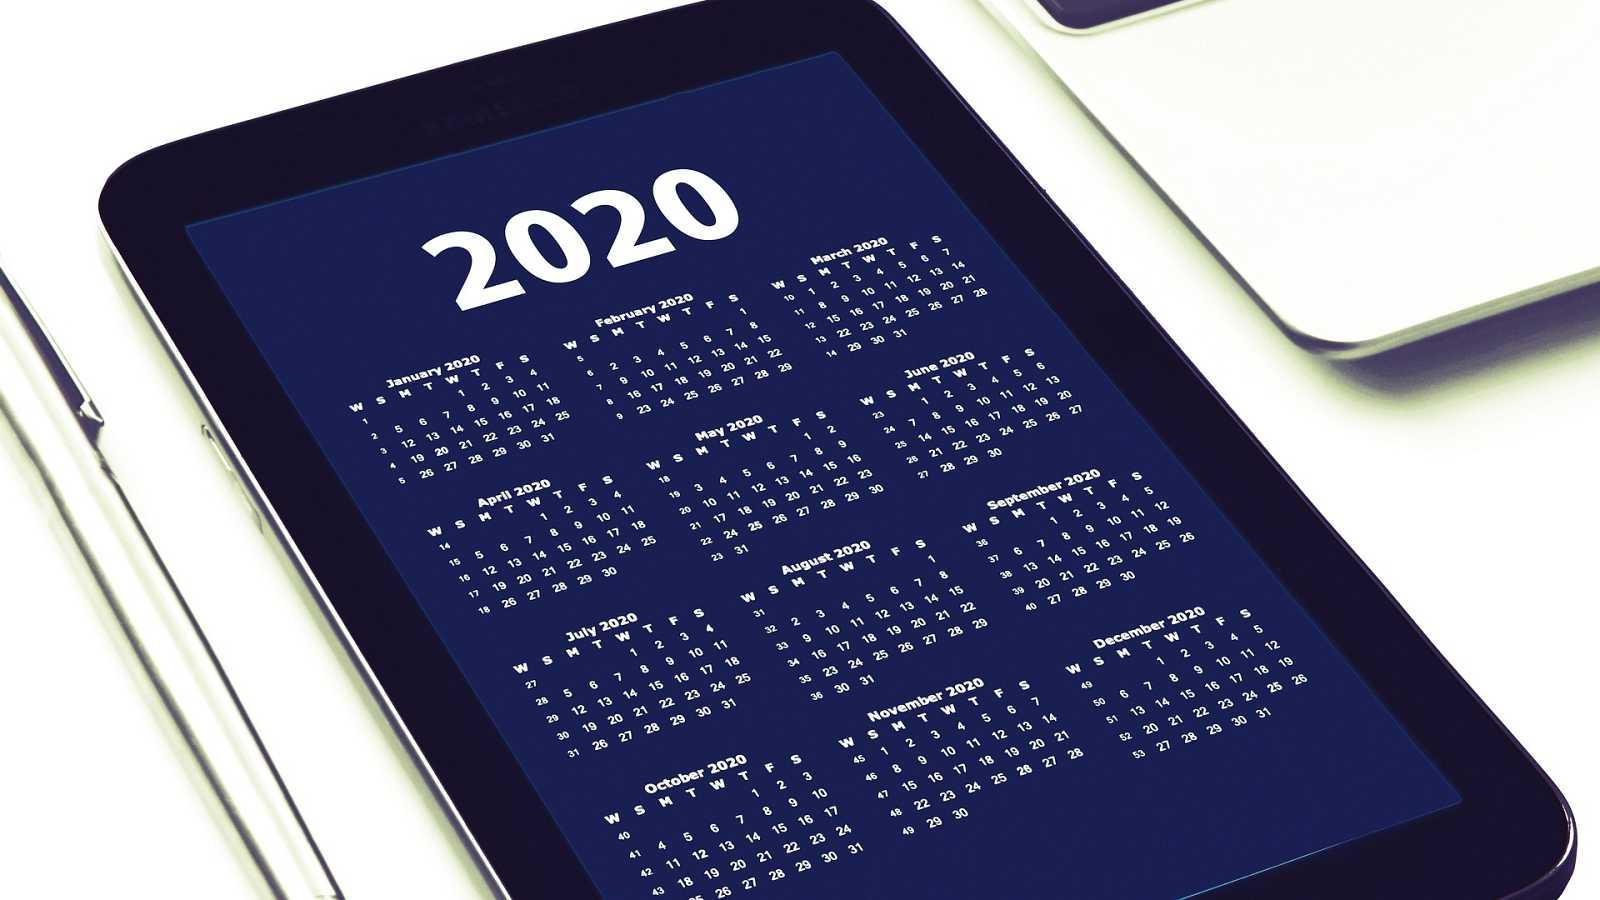 Tercera vía - Momentos 2020 (1) - 25/12/20 - escuchar ahora